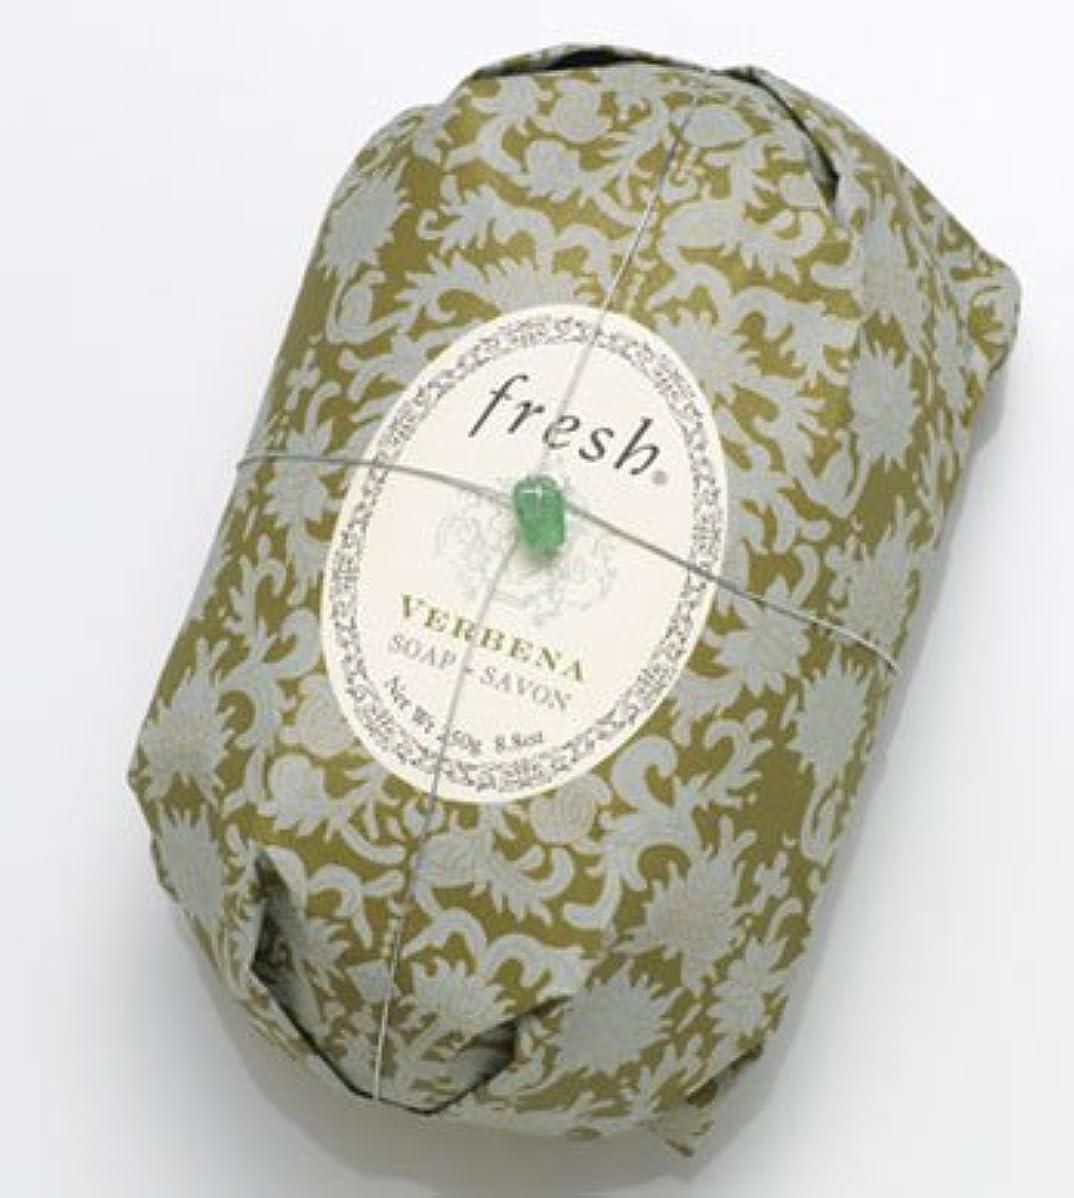 留まる現在裁定Fresh VERBENA SOAP (フレッシュ バーベナ ソープ) 8.8 oz (250g) Soap (石鹸) by Fresh